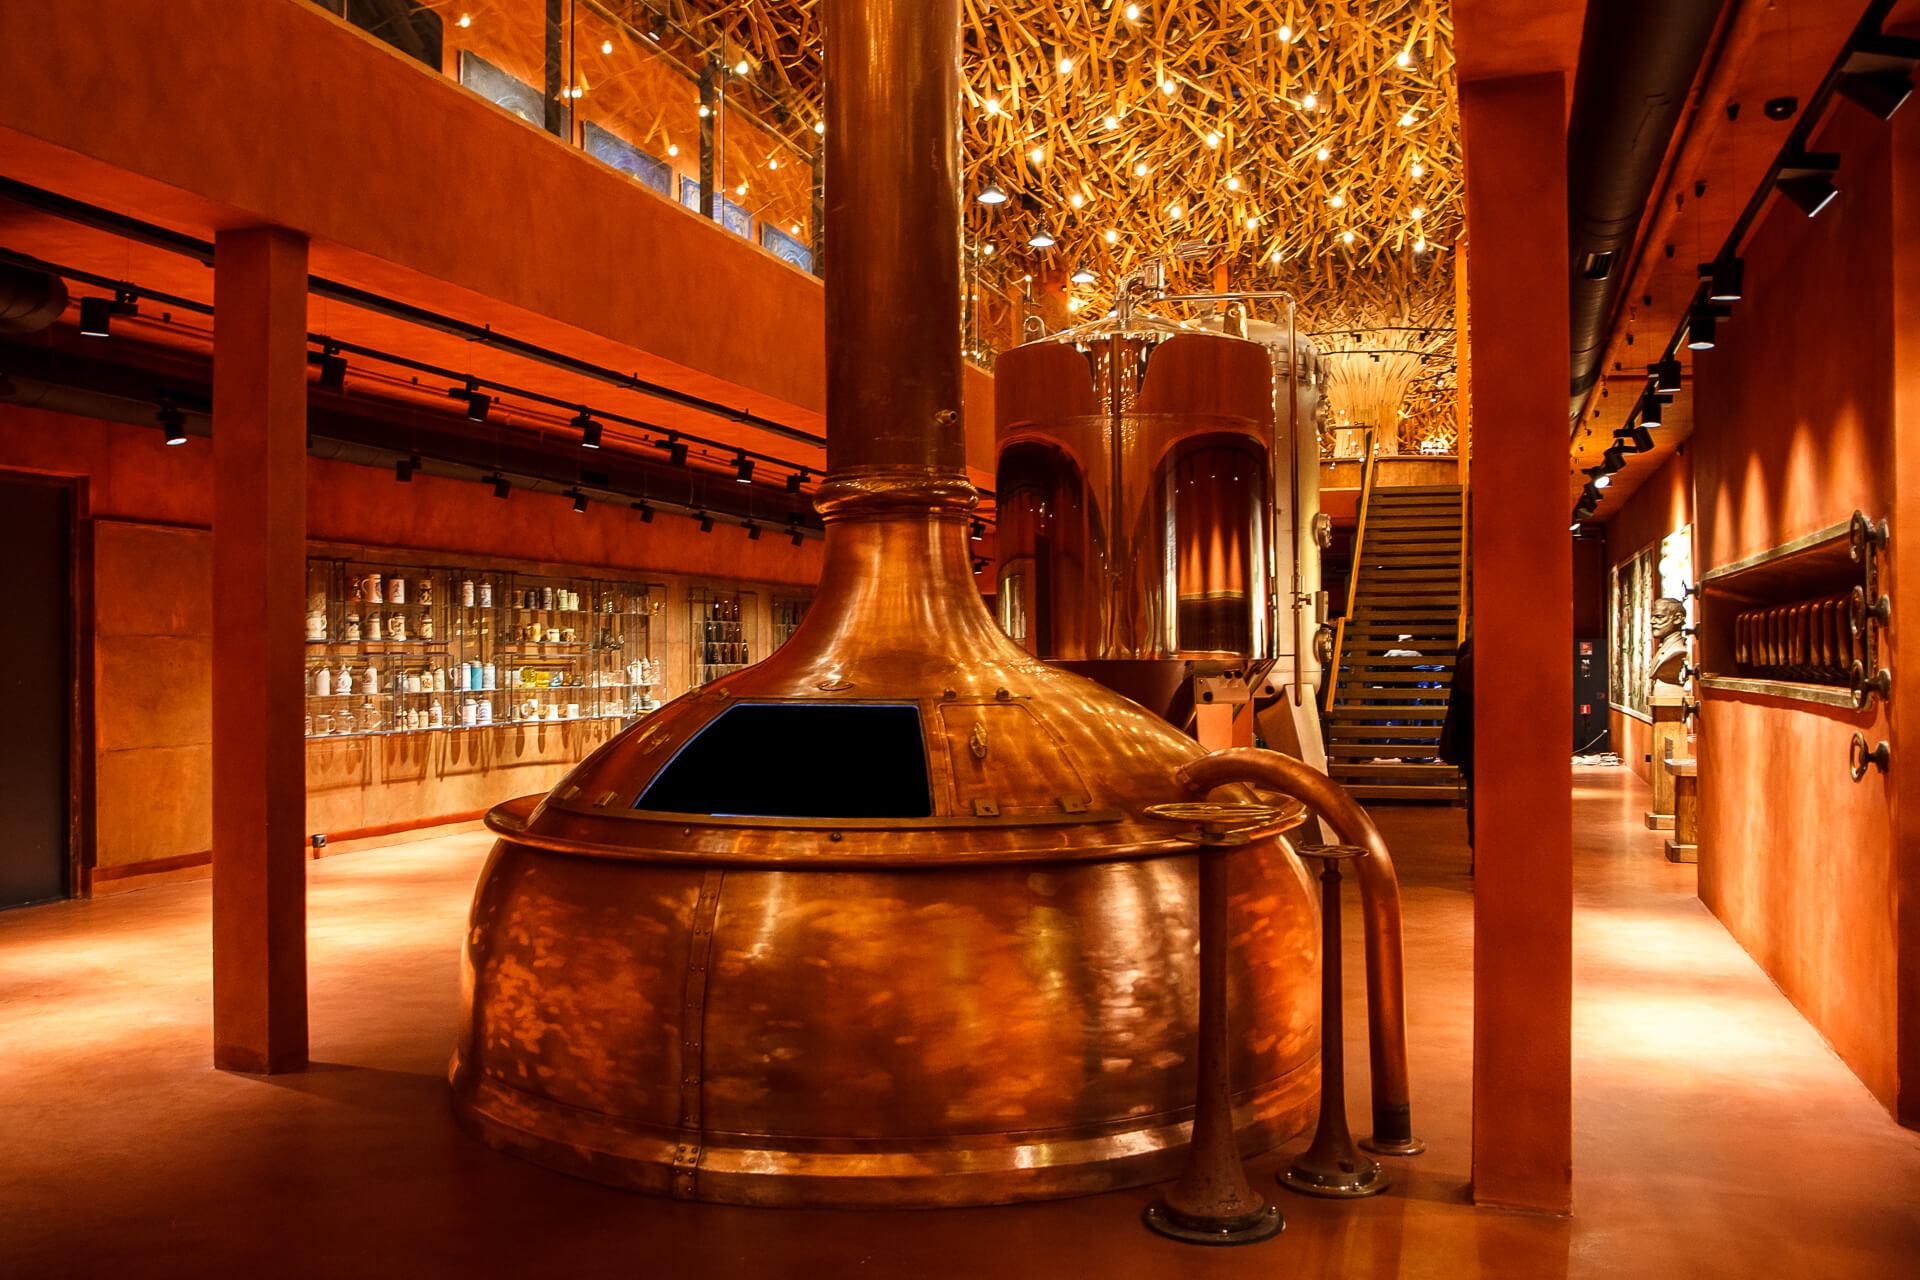 Львоварня, музей пива во Львове, пивная экскурсия, экскурсии Львов